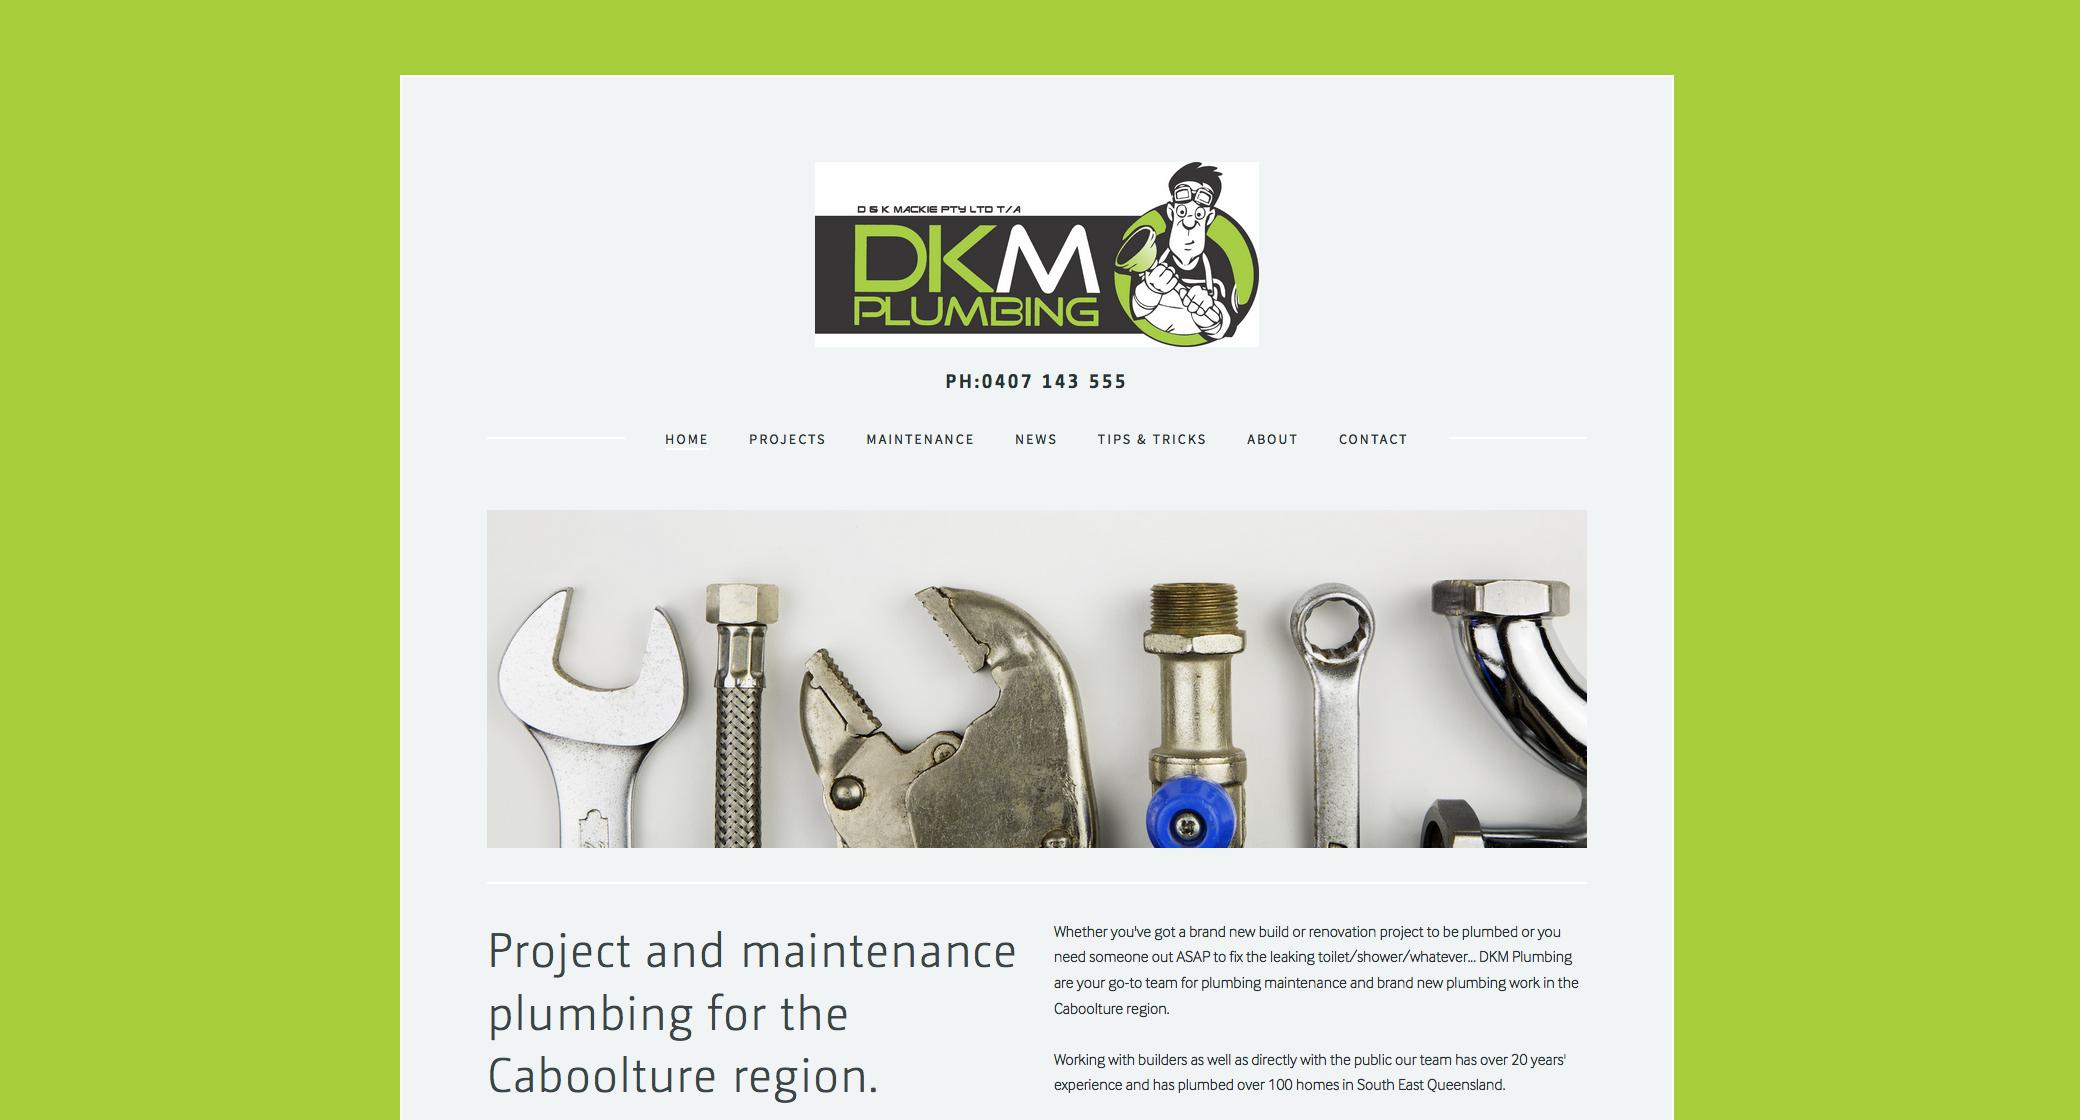 dkm-plumbing-website.png